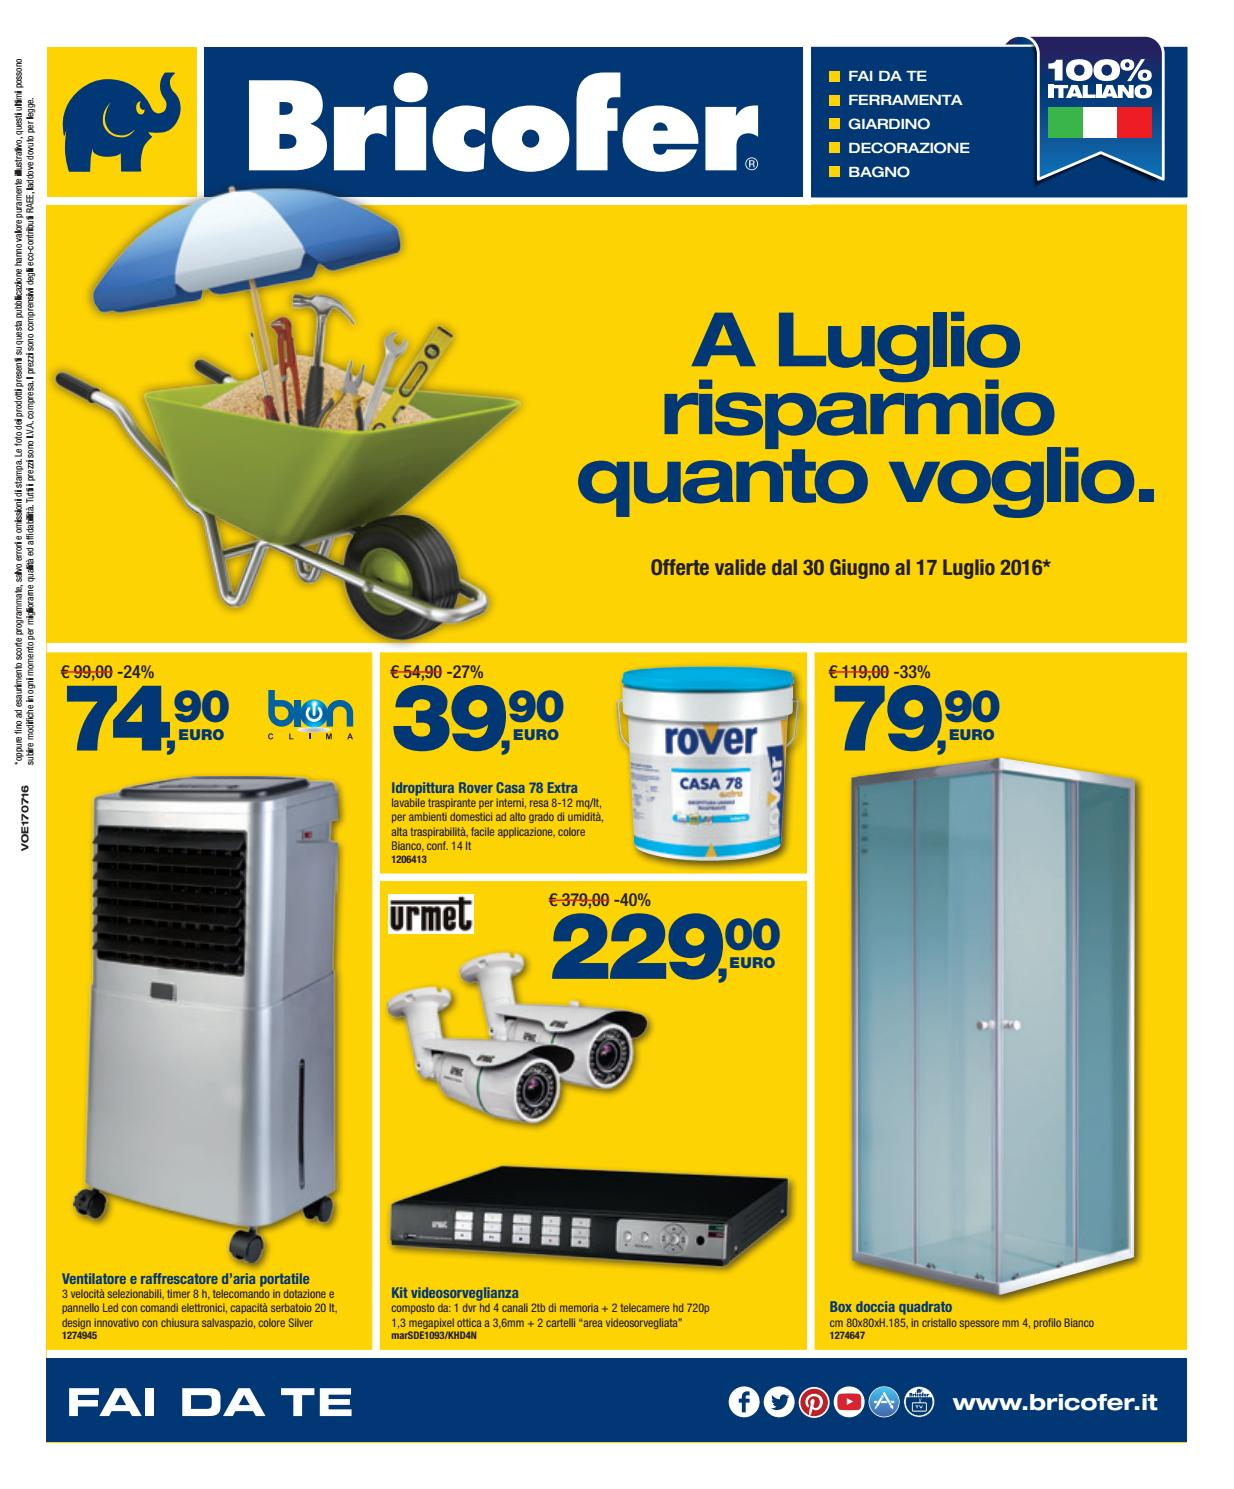 Volantino bricofer aversa luglio 2016 by bricofer aversa for Volantino bricofer